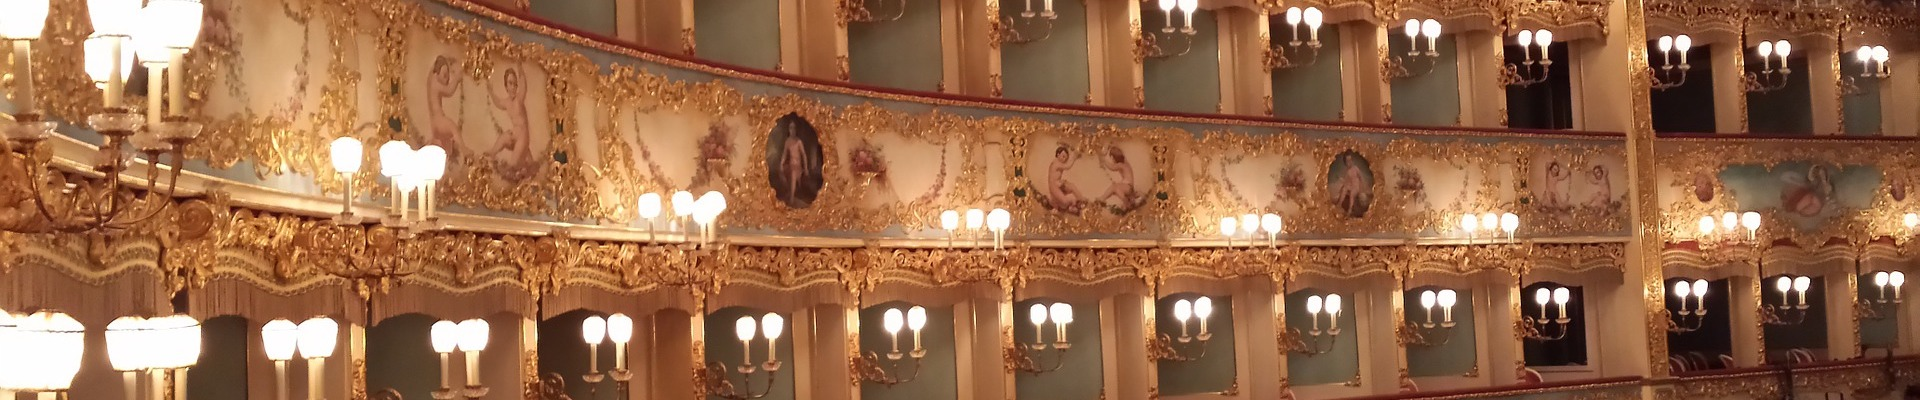 opera-974148_19201